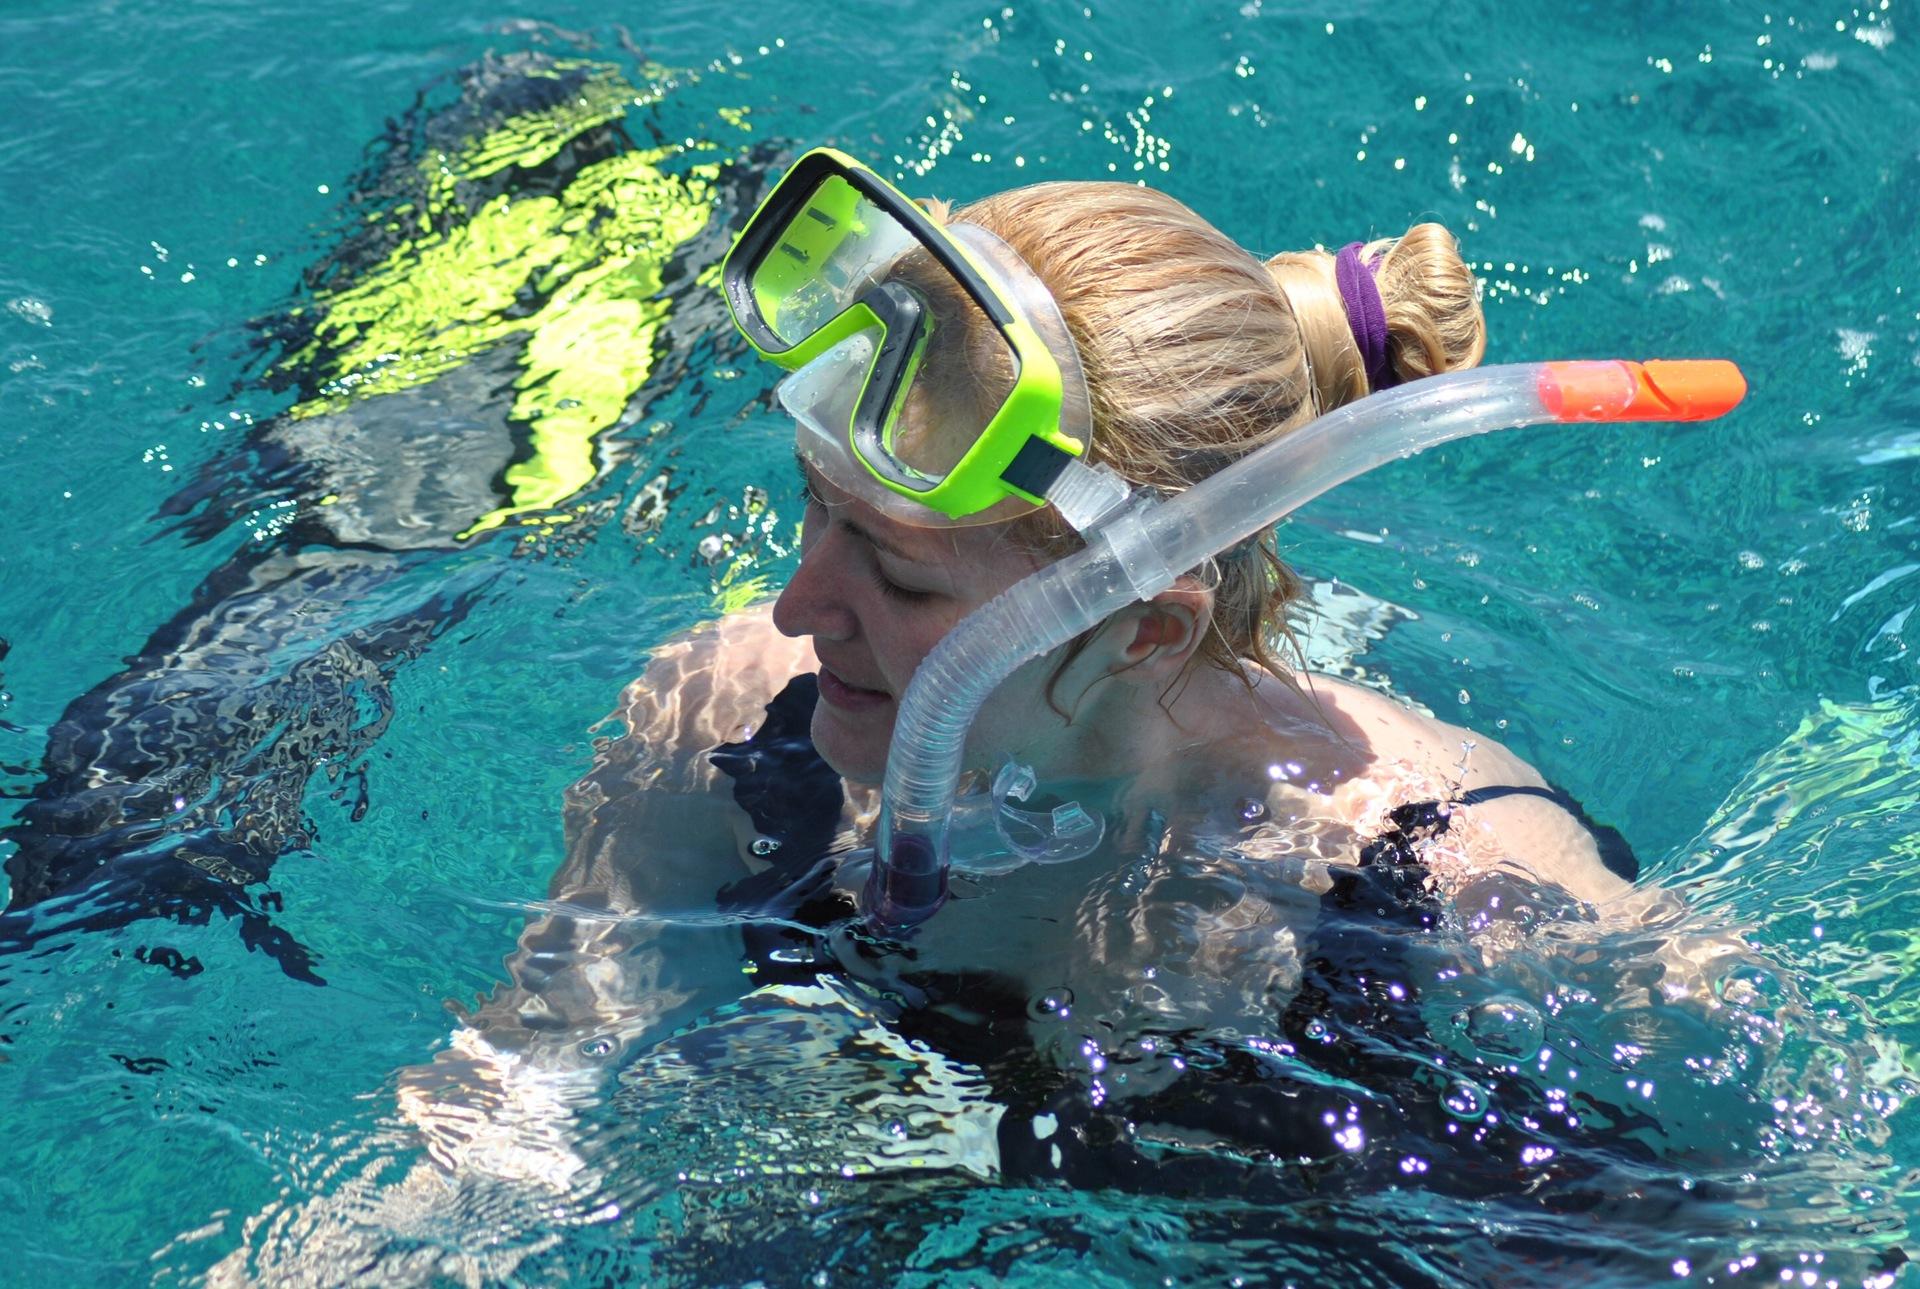 water | underwater, swimming, water sports, ocean